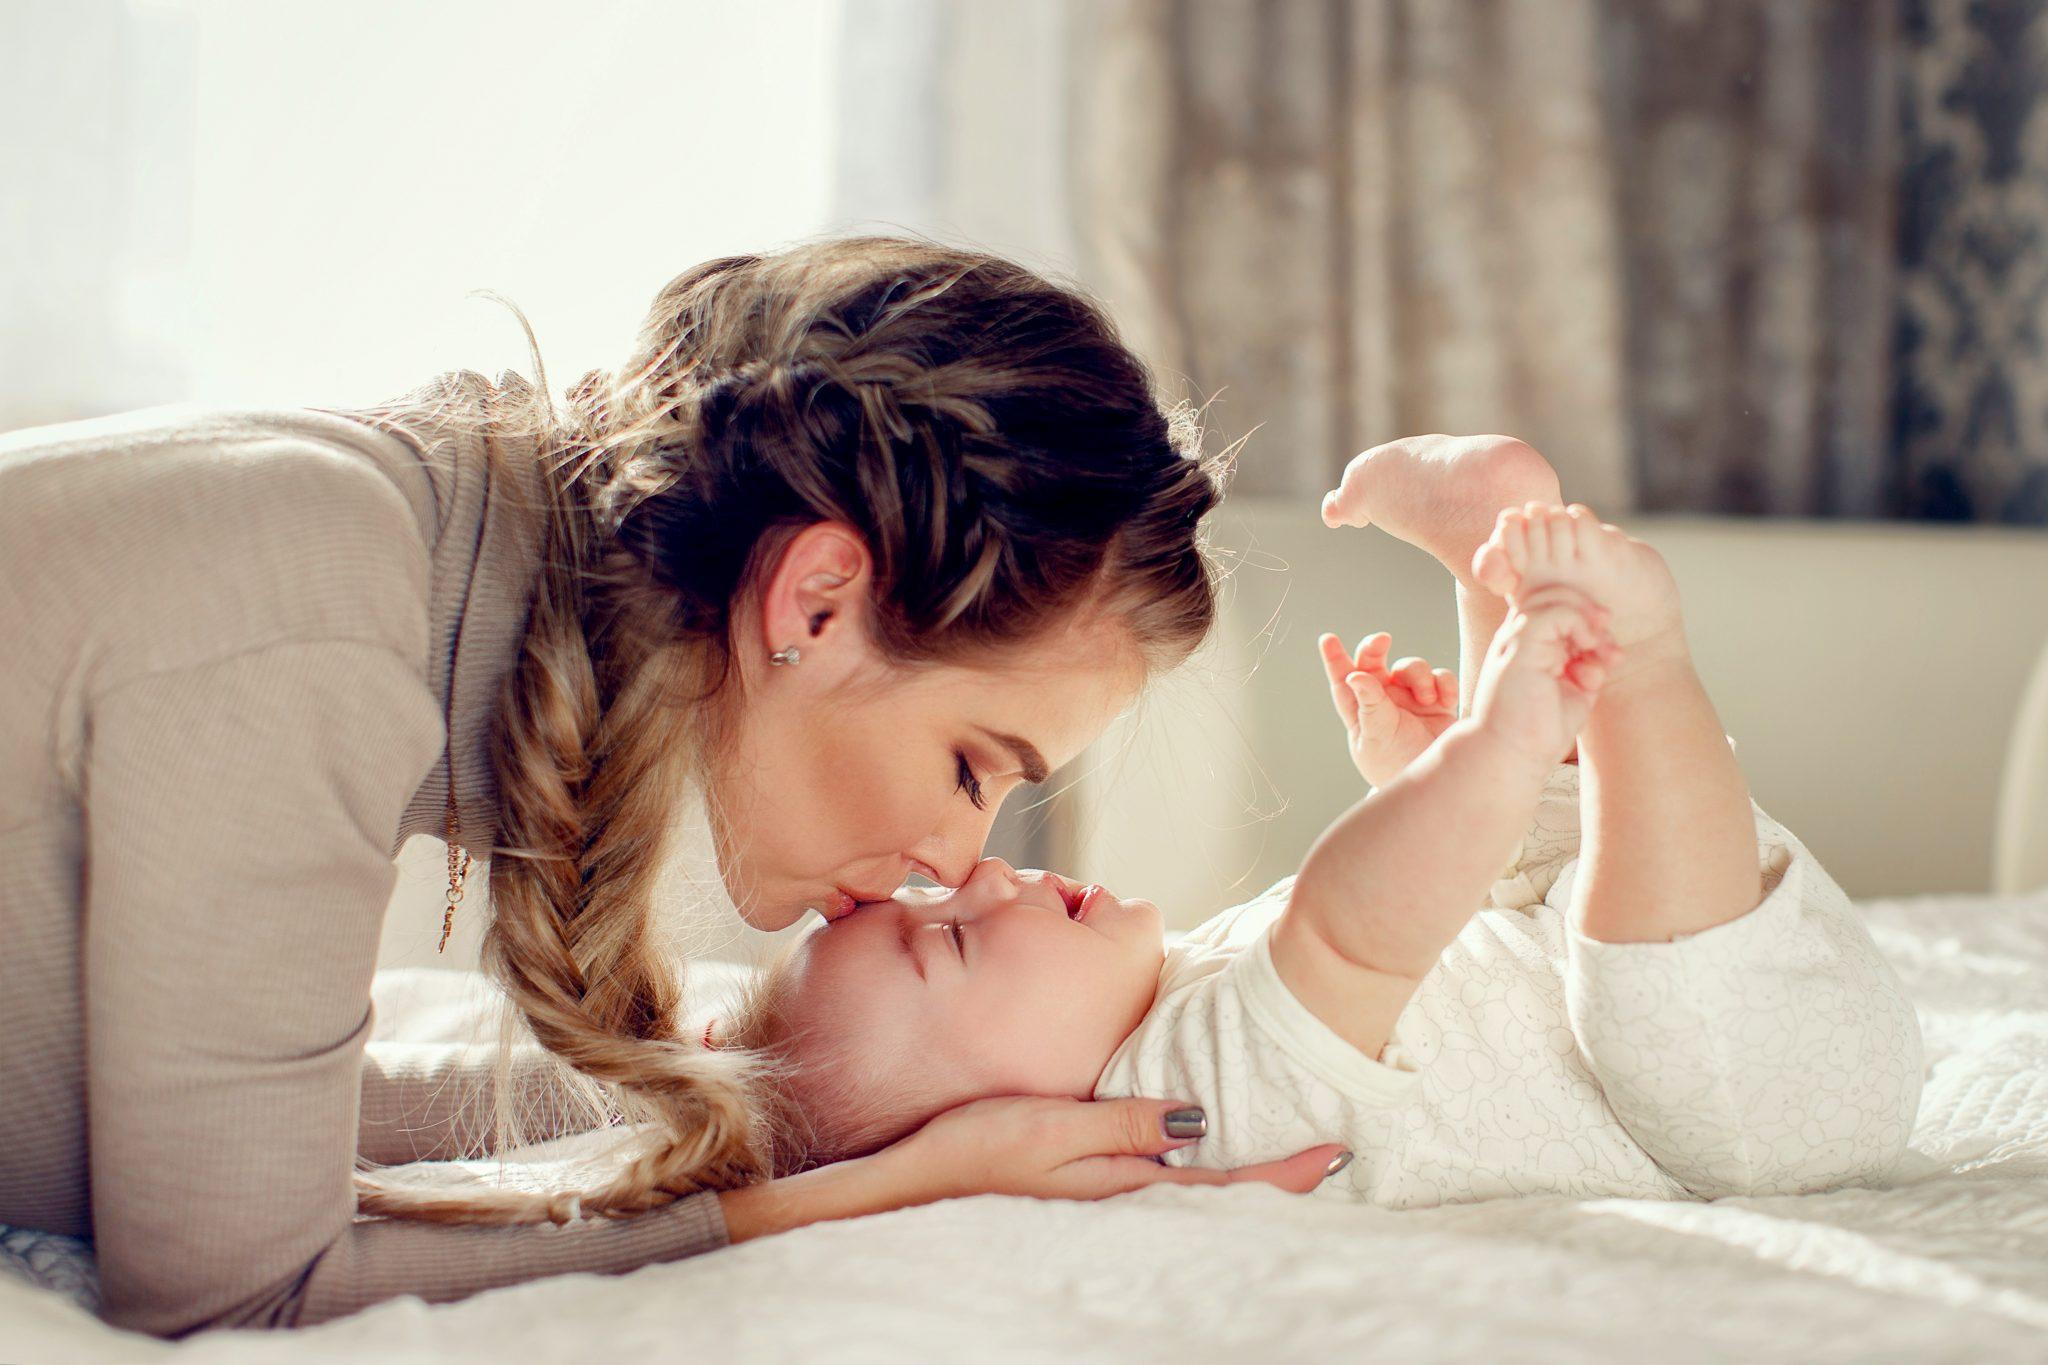 赤ちゃんとお母さんが遊んでいる